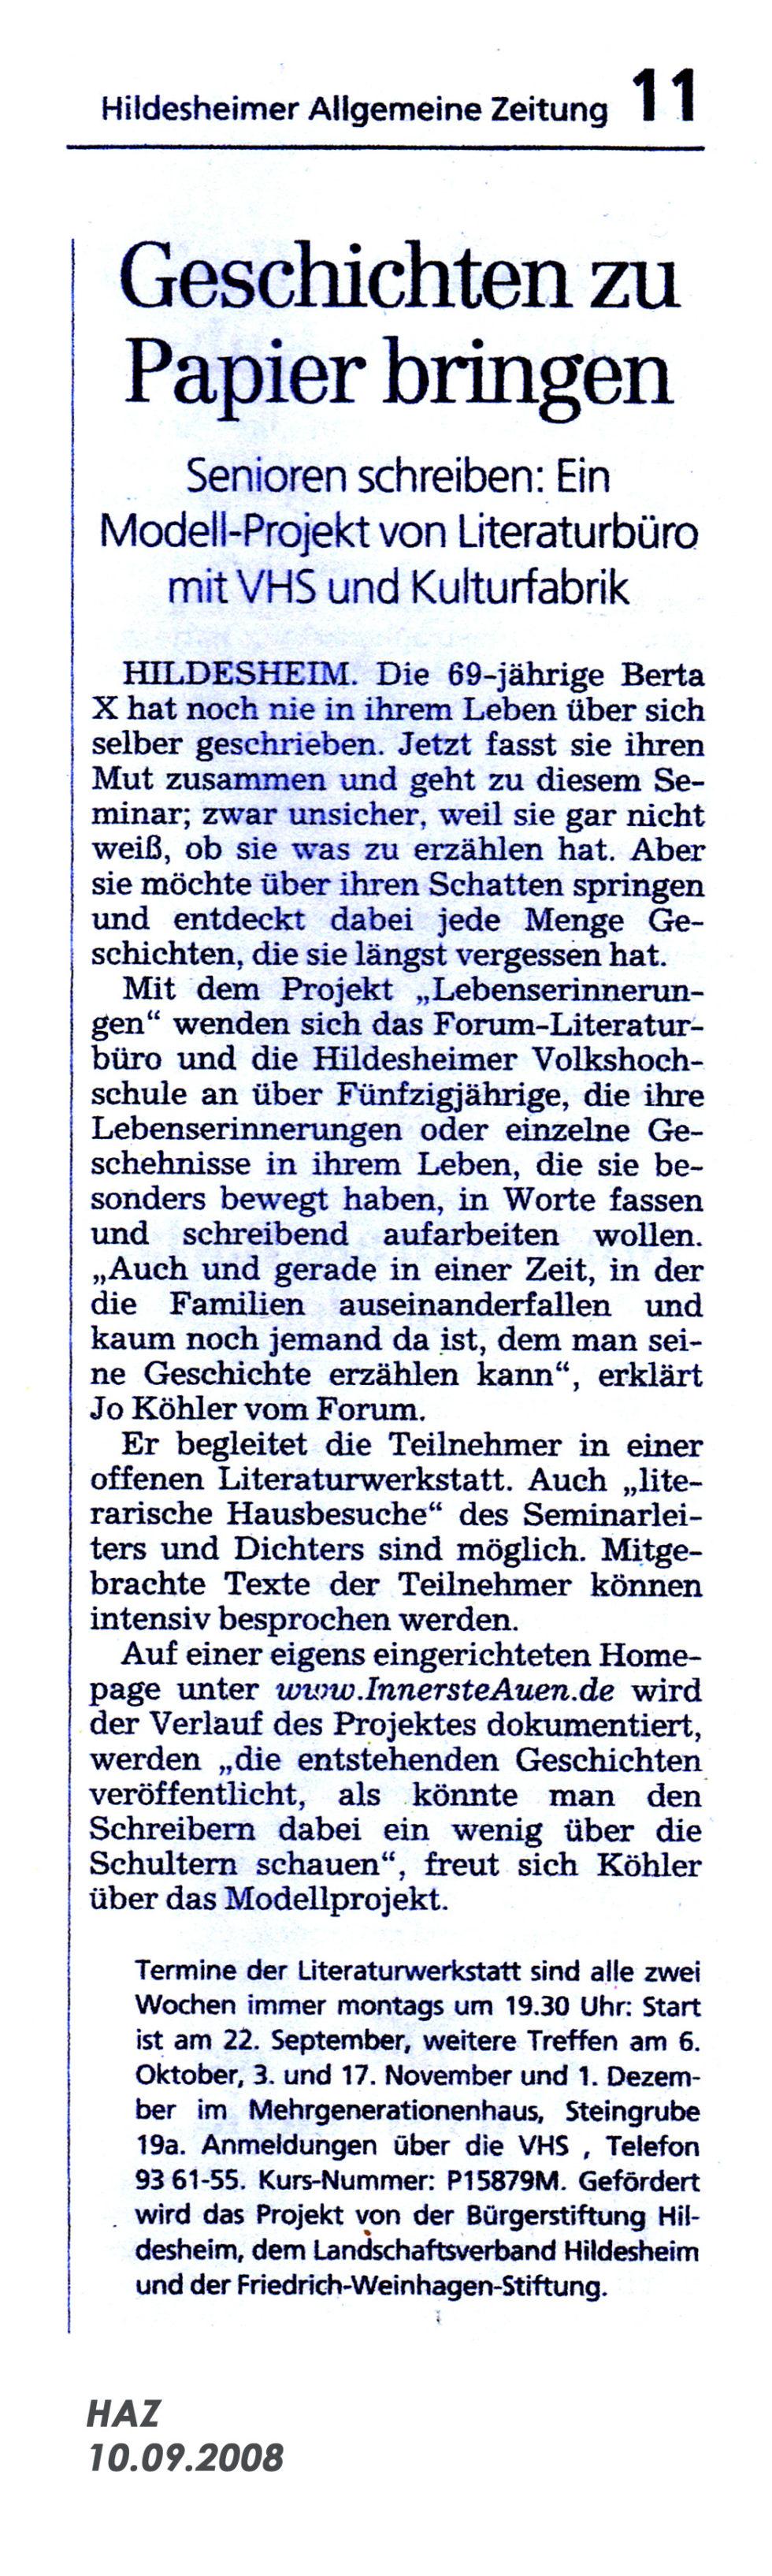 Biografisches-Schreiben_2018_05 Presse 10.12.2008